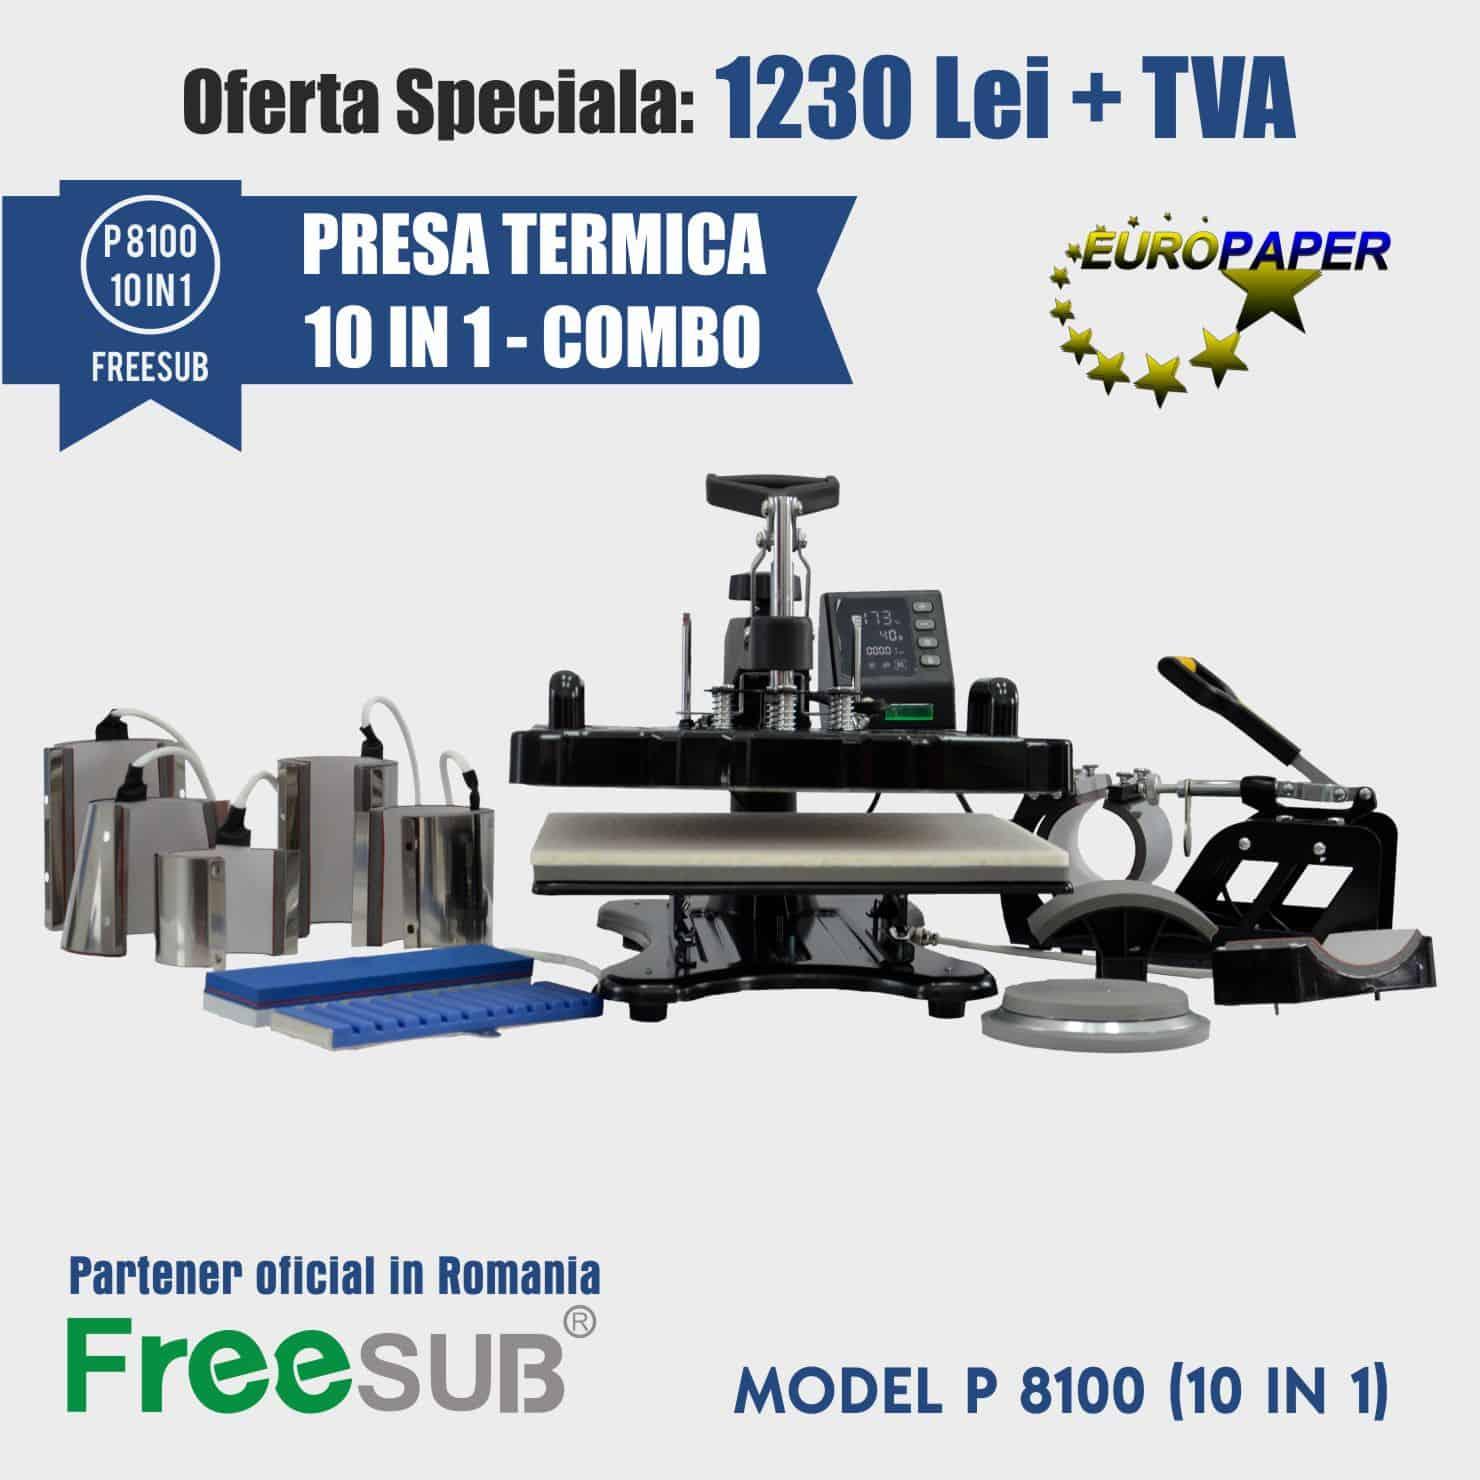 FREESUB P8100 COMBO 10 in 1